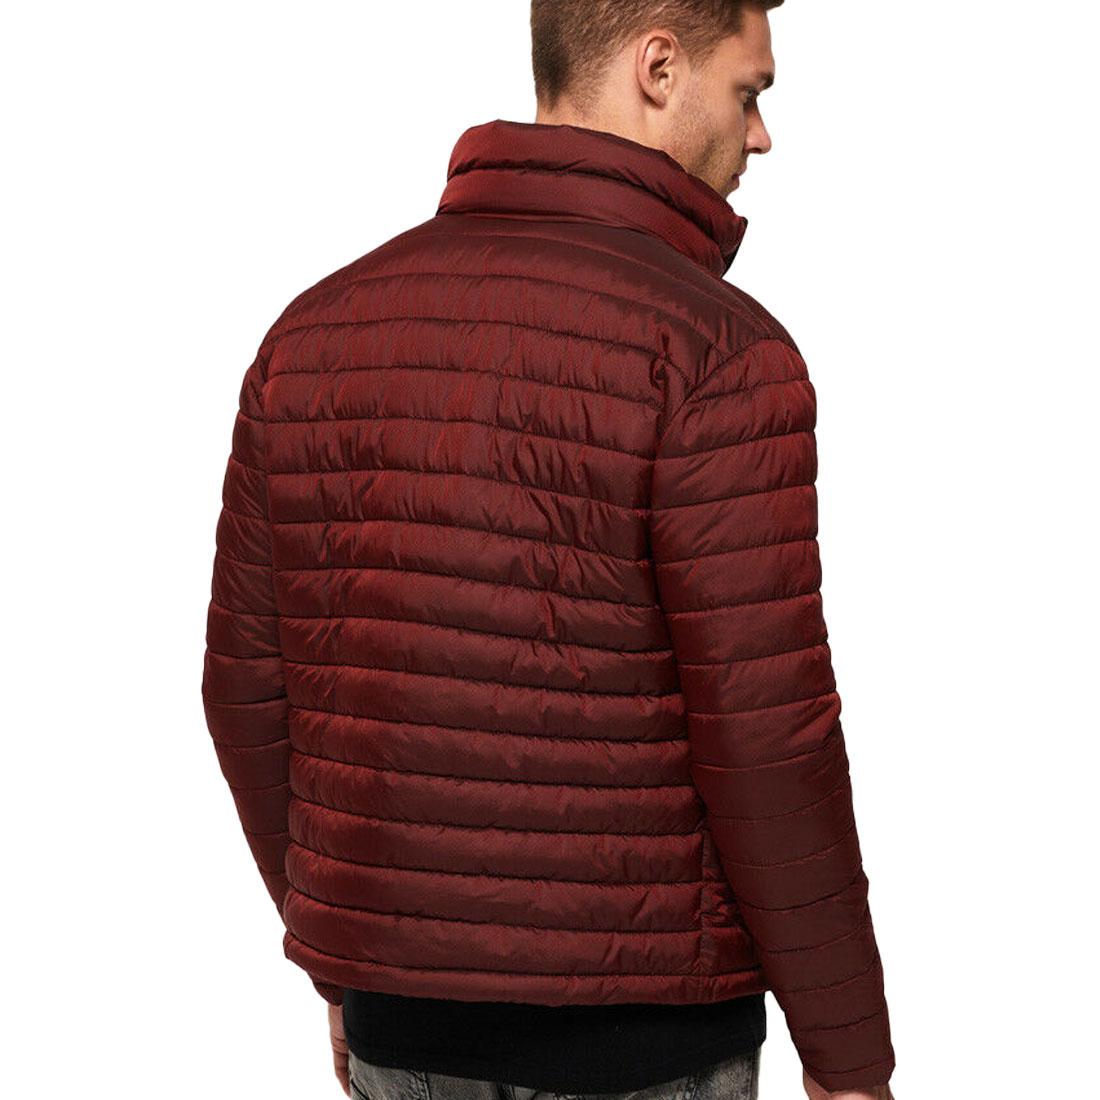 Camisa-para-hombre-Fuji-chaqueta-de-doble-cremallera miniatura 8